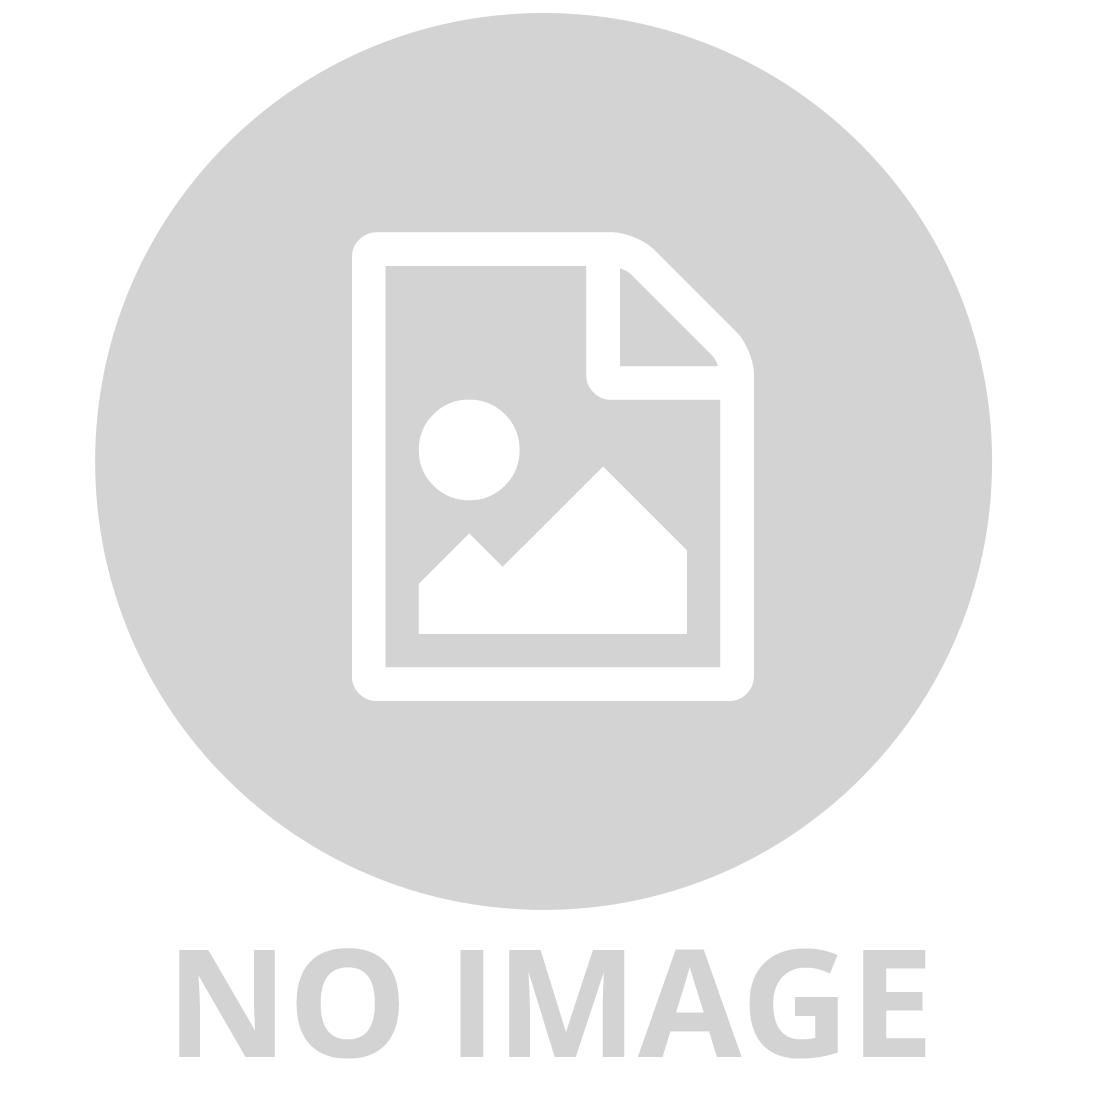 WALKIE TALKIE MILITARY